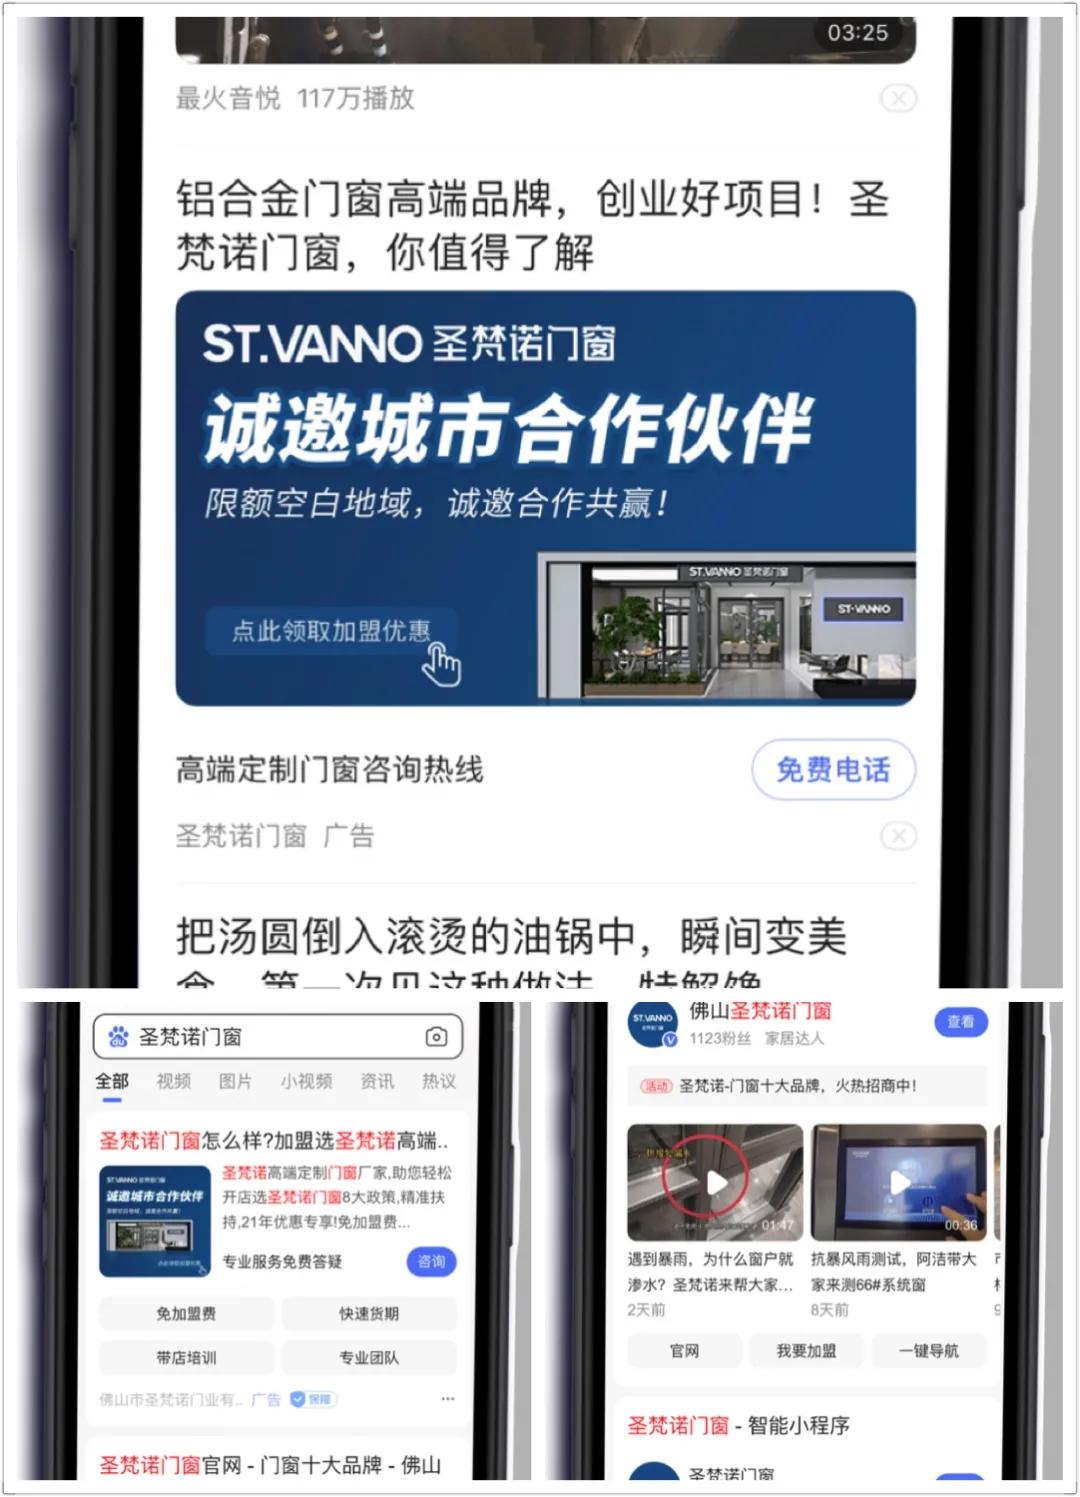 雷竞技app下载官方版力 | 圣雷竞技ios下载雷竞技app下载ios霸屏百度APP开屏全方位广告